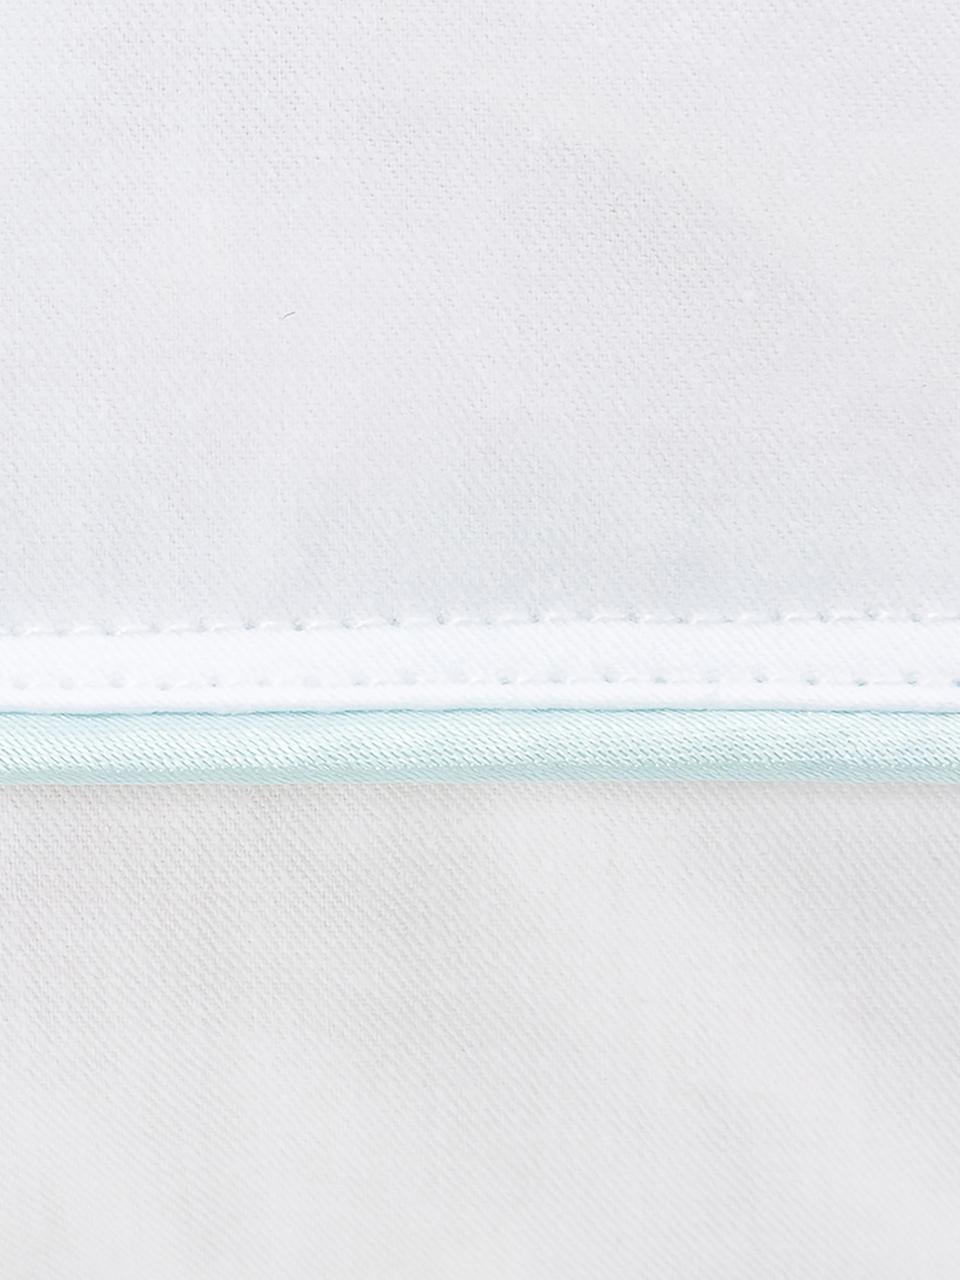 3-Kammer-Kopfkissen Premium, mittel, Außen: Weiße neue Daunen und Fed, Innen: neue Weiße Federn, Klasse, Hülle: 100% Baumwolle, Mako-Fein, Weiß mit türkiser Satinbiese, 40 x 80 cm